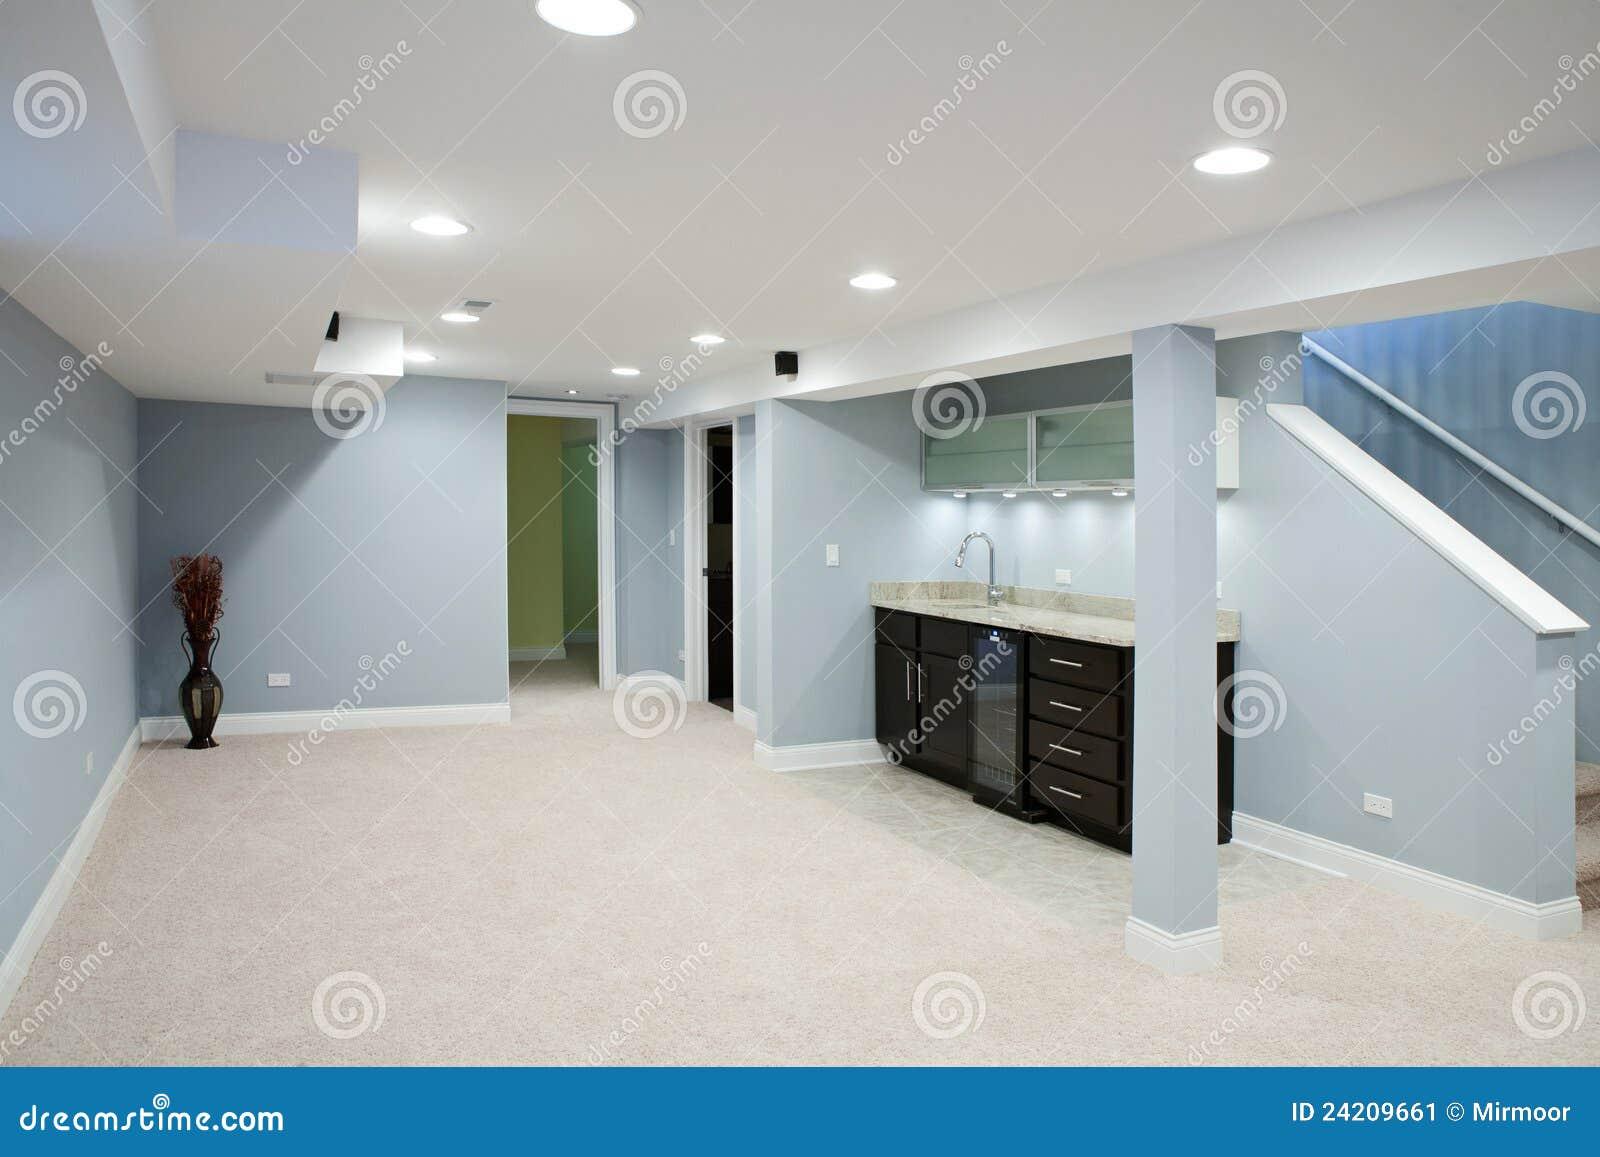 Keller Mit Steingegenoberseiten Und Teppichboden Stockbild Bild